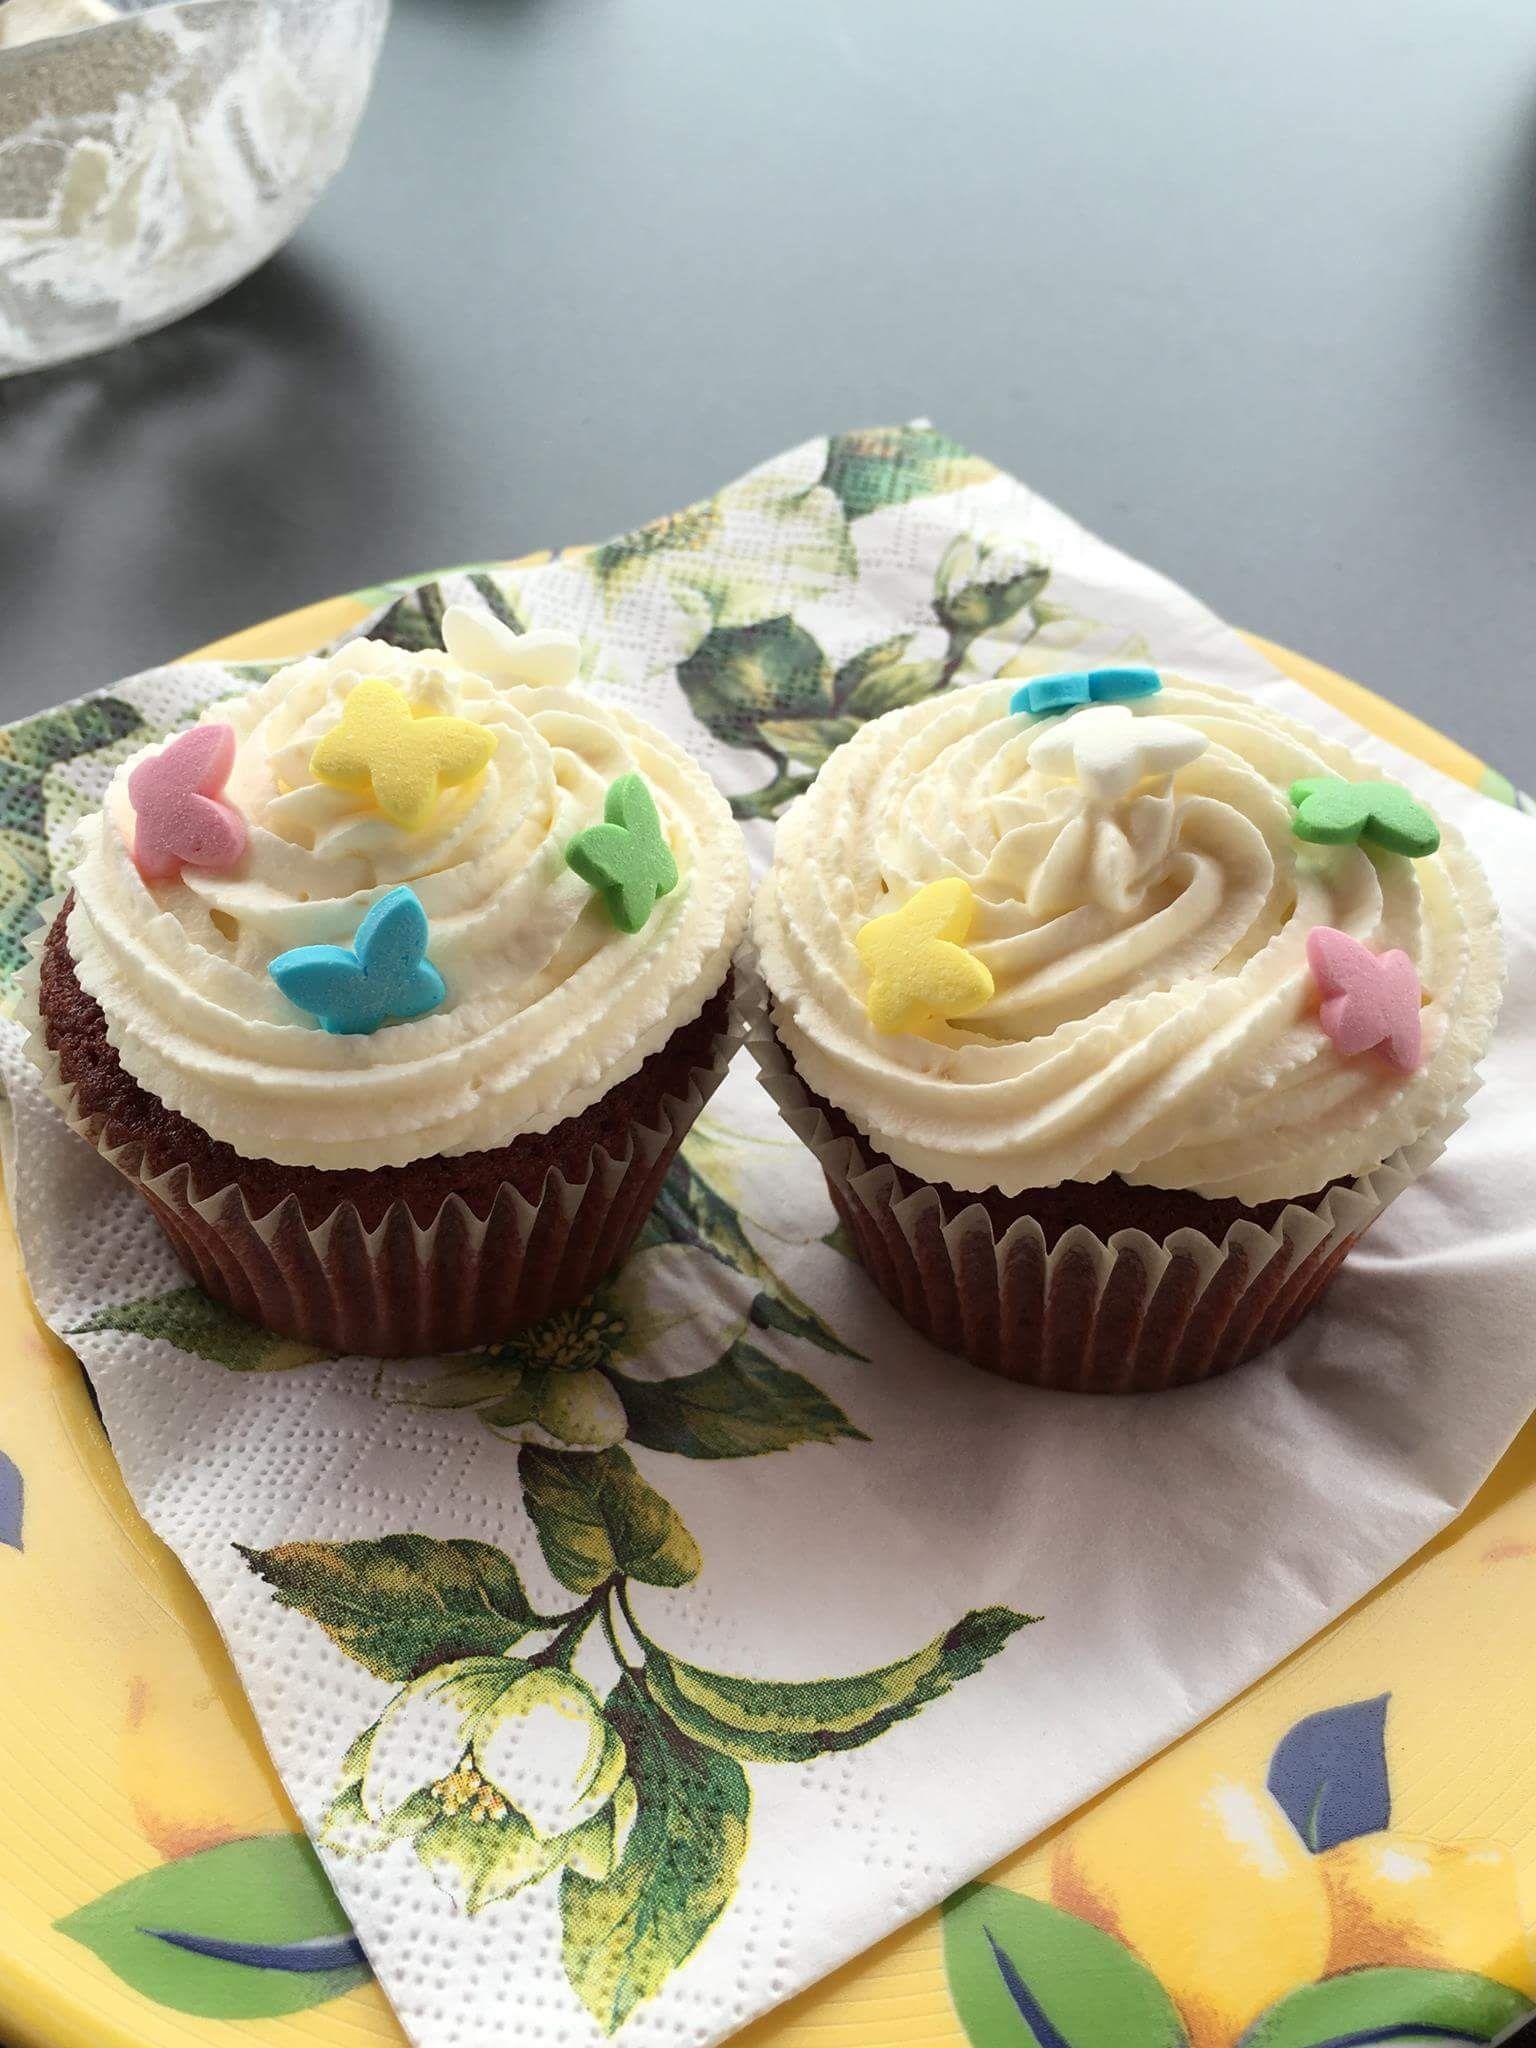 Red Velvet Cupcake mit Sahne-Quark- Zitrone Topping........das mit der Farbe hat nicht so ganz funktioniert!